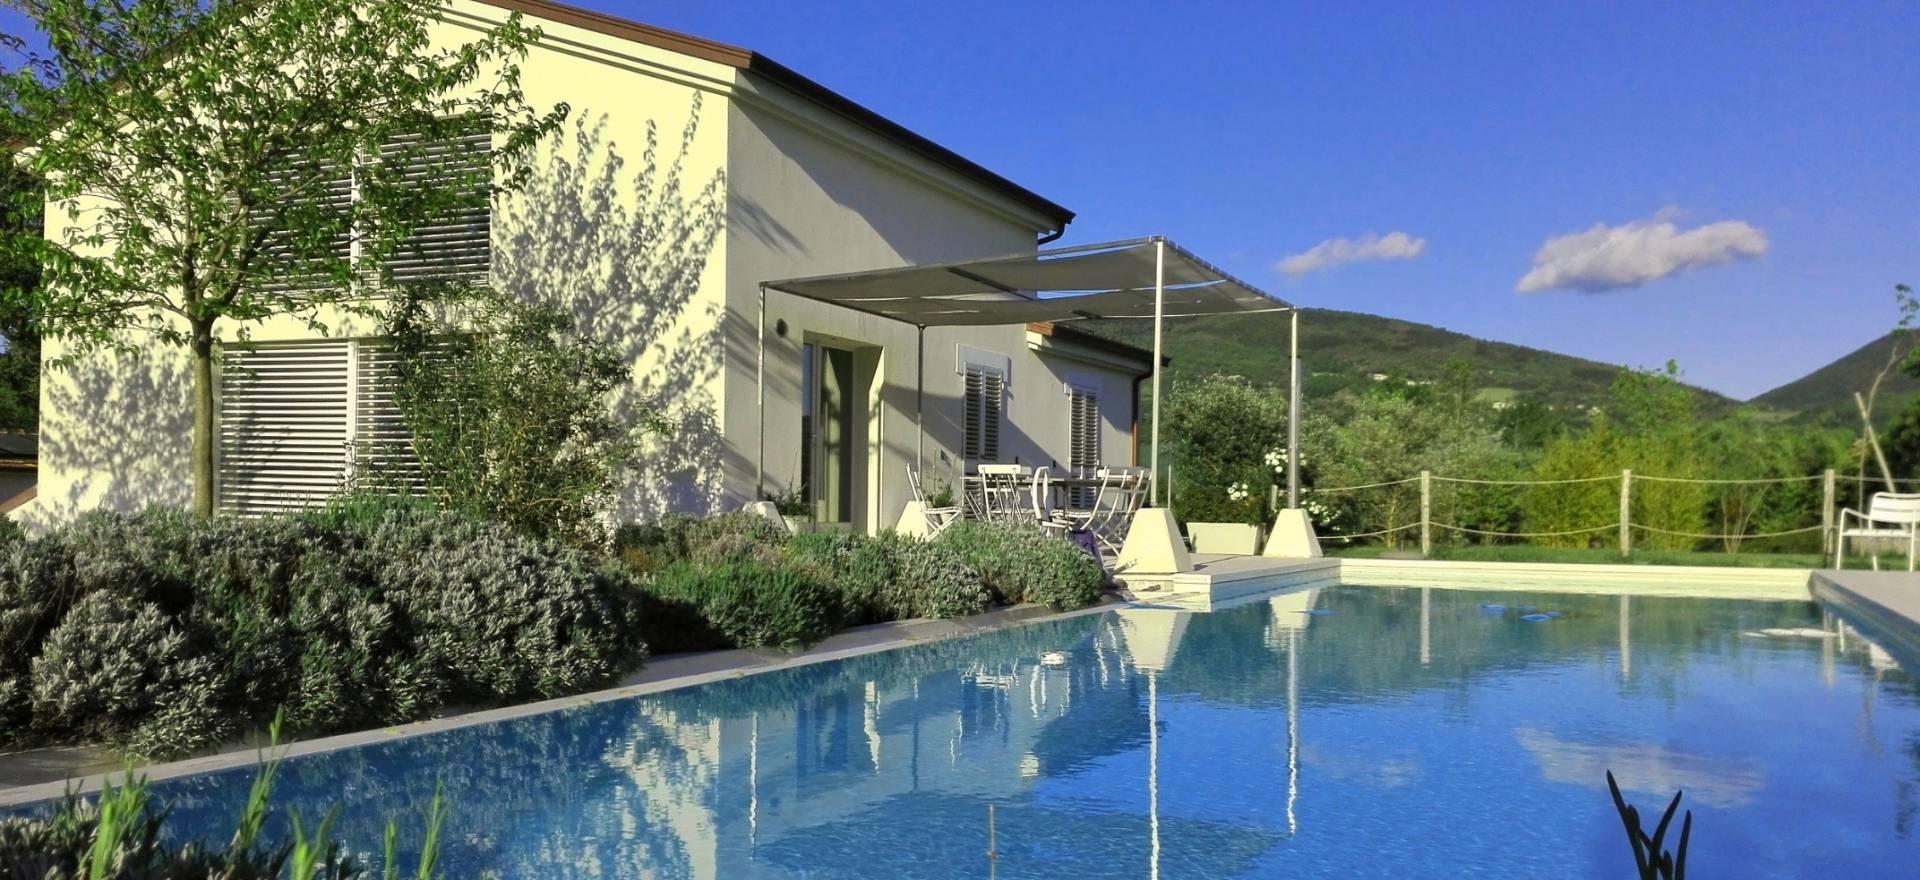 Luxe prive villa met zwembad tussen umbri en le marche for Luxe villa met zwembad